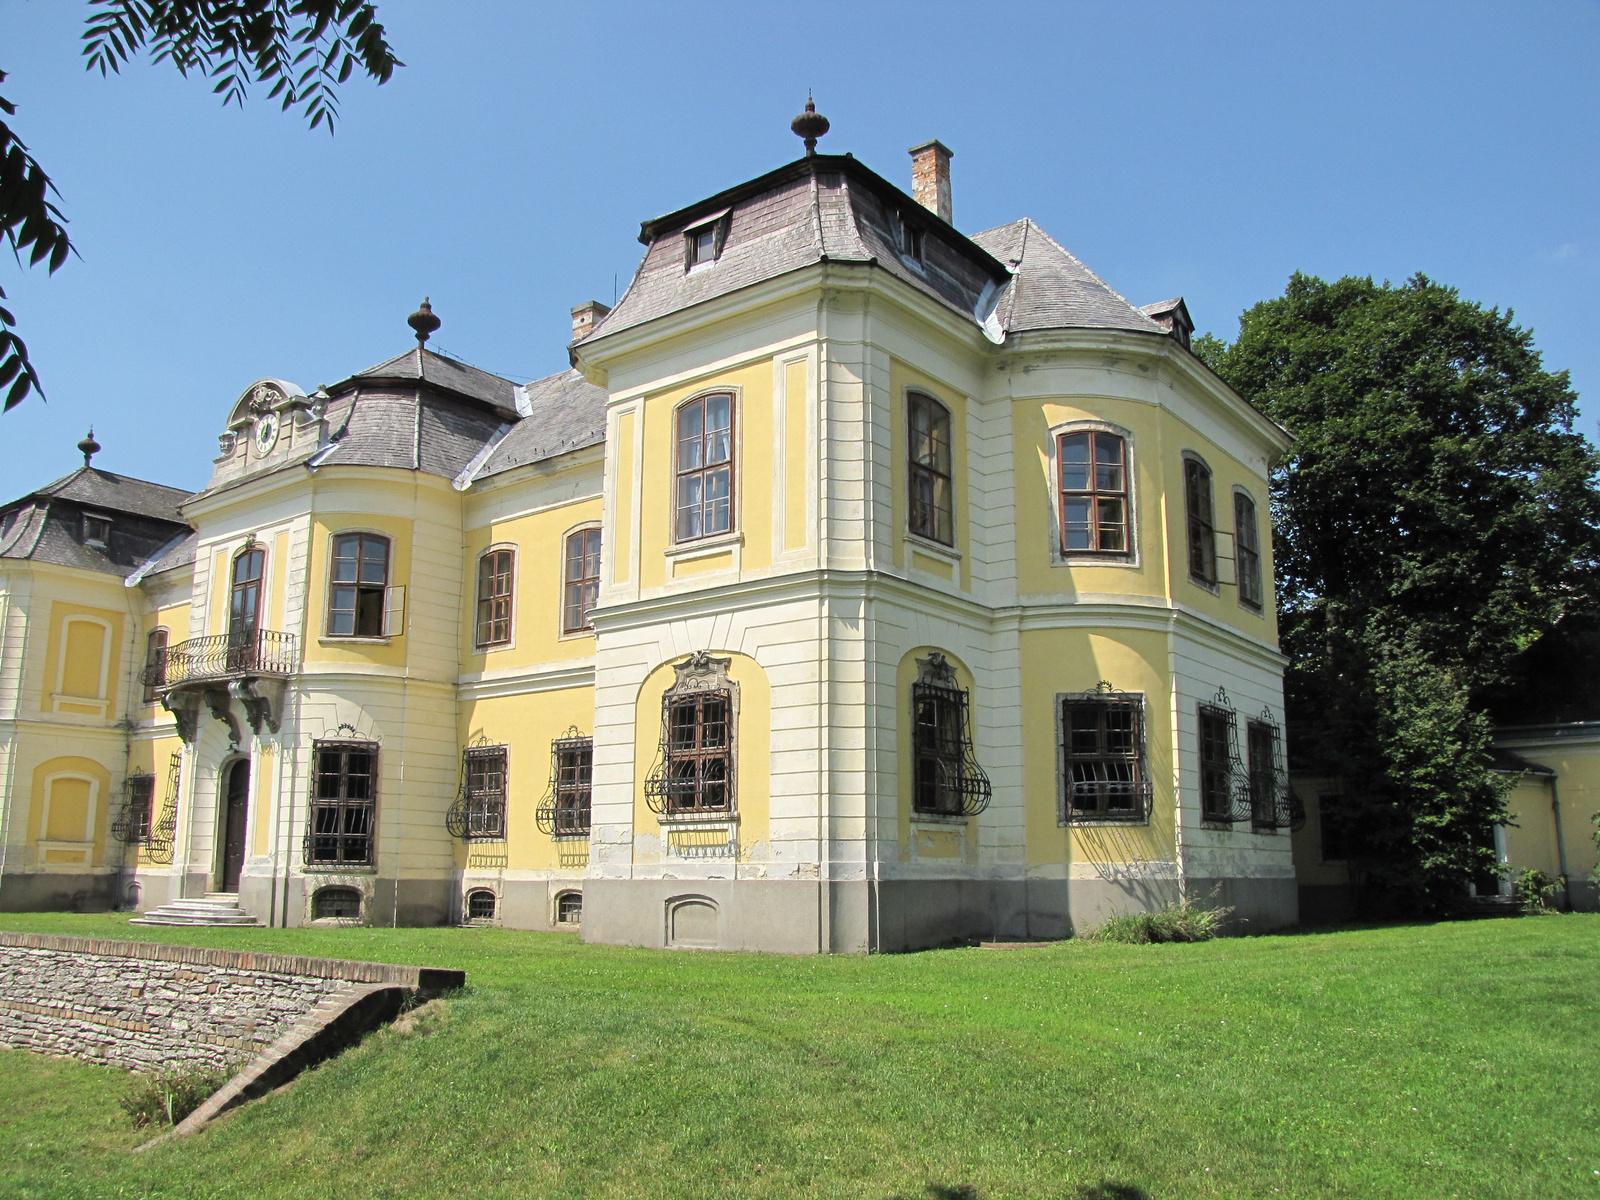 Magyarország, Mór, a Lamberg kastély, SzG3